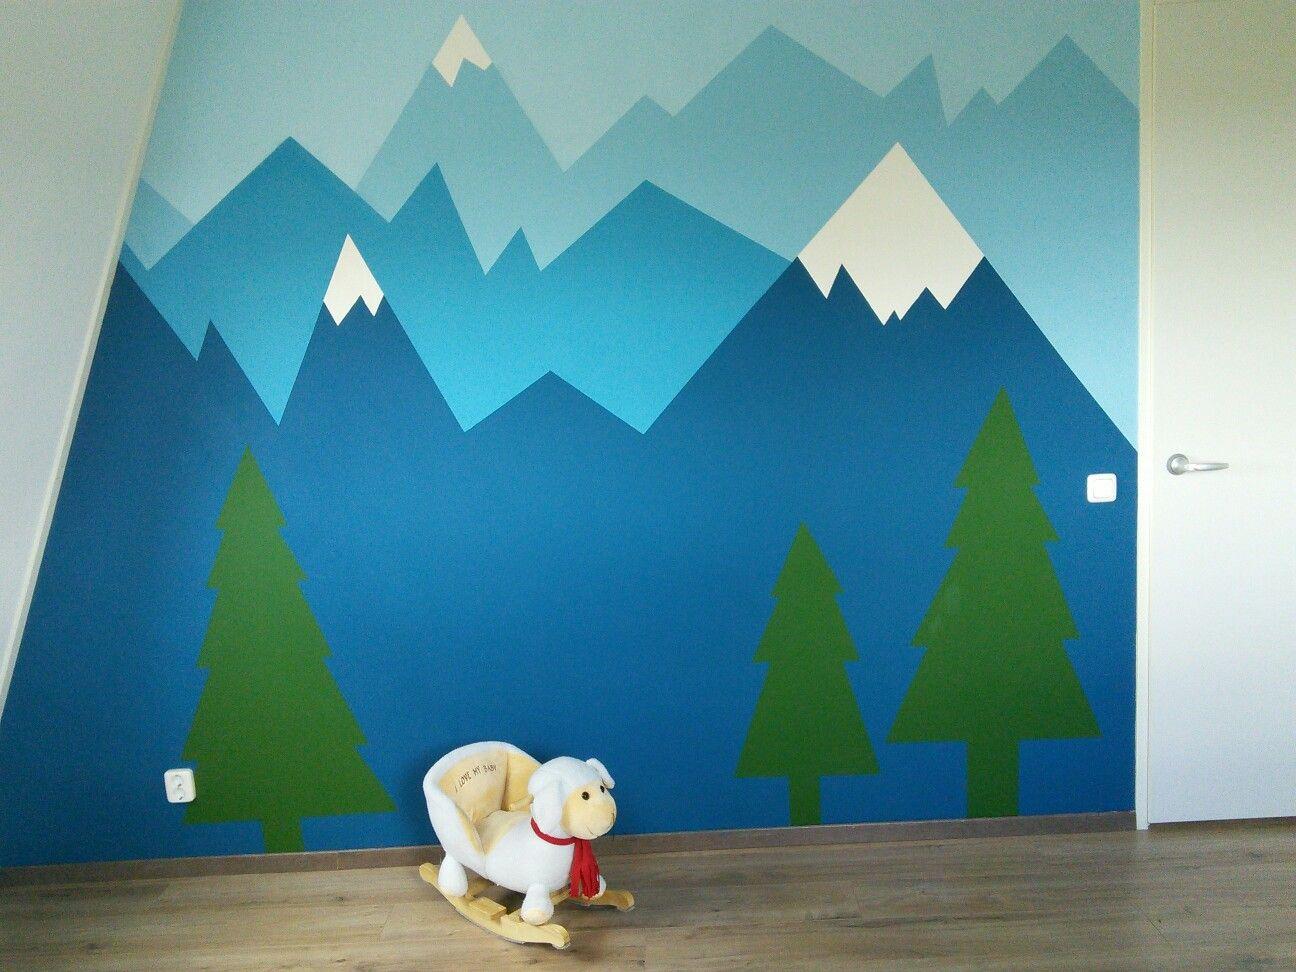 Kinderkamer Kinderkamer Thema : Leuk kinderkamer thema dieren of bos passie wonen